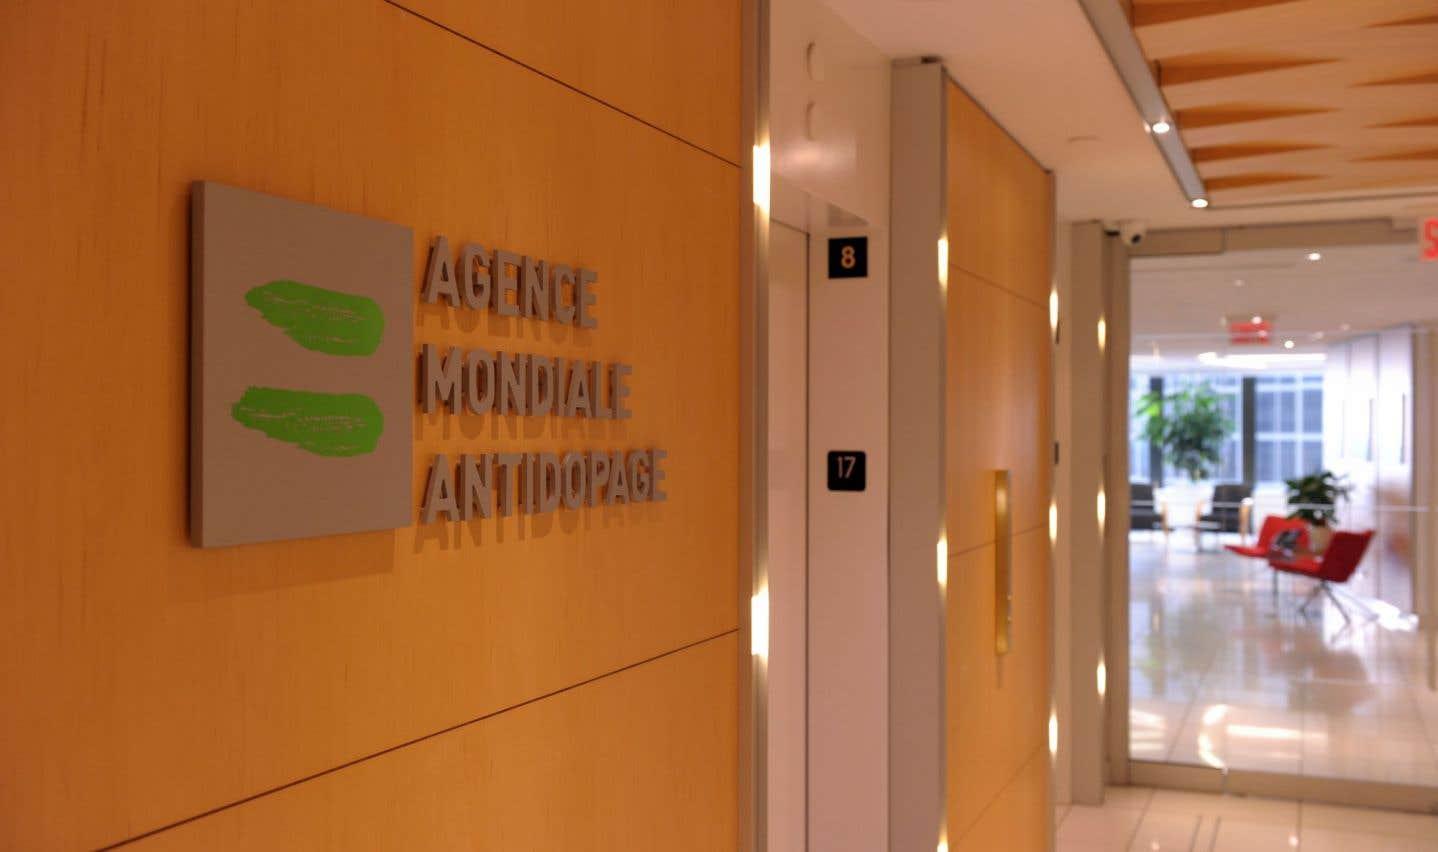 Lors de la réunion du comité exécutif en mai 2017, l'AMA avait demandé à Montréal de détailler son offre de renouvellement de l'entente.